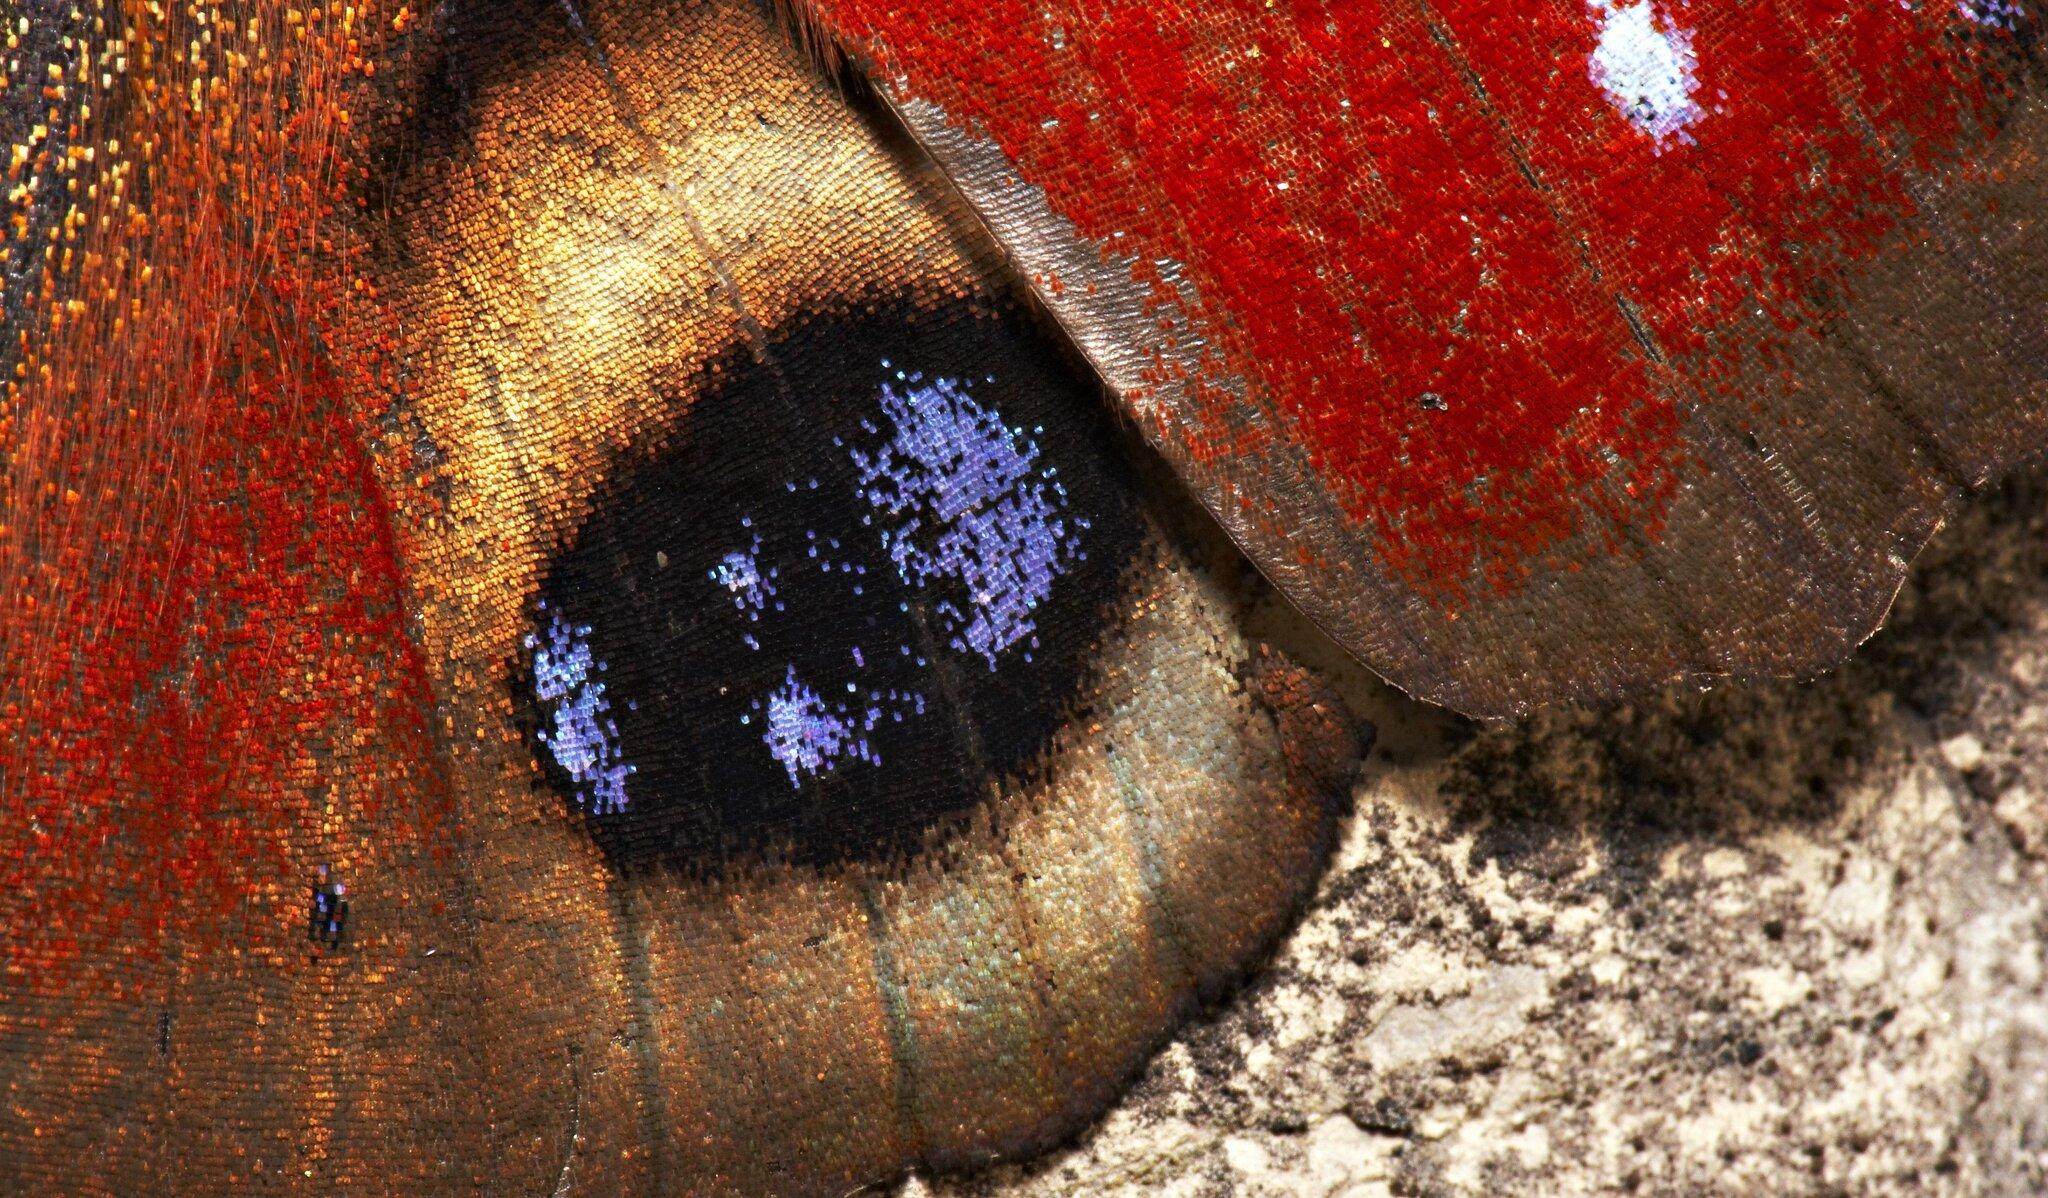 motyl Źródło: Michael Apel, licencja: CC BY-SA 2.0.